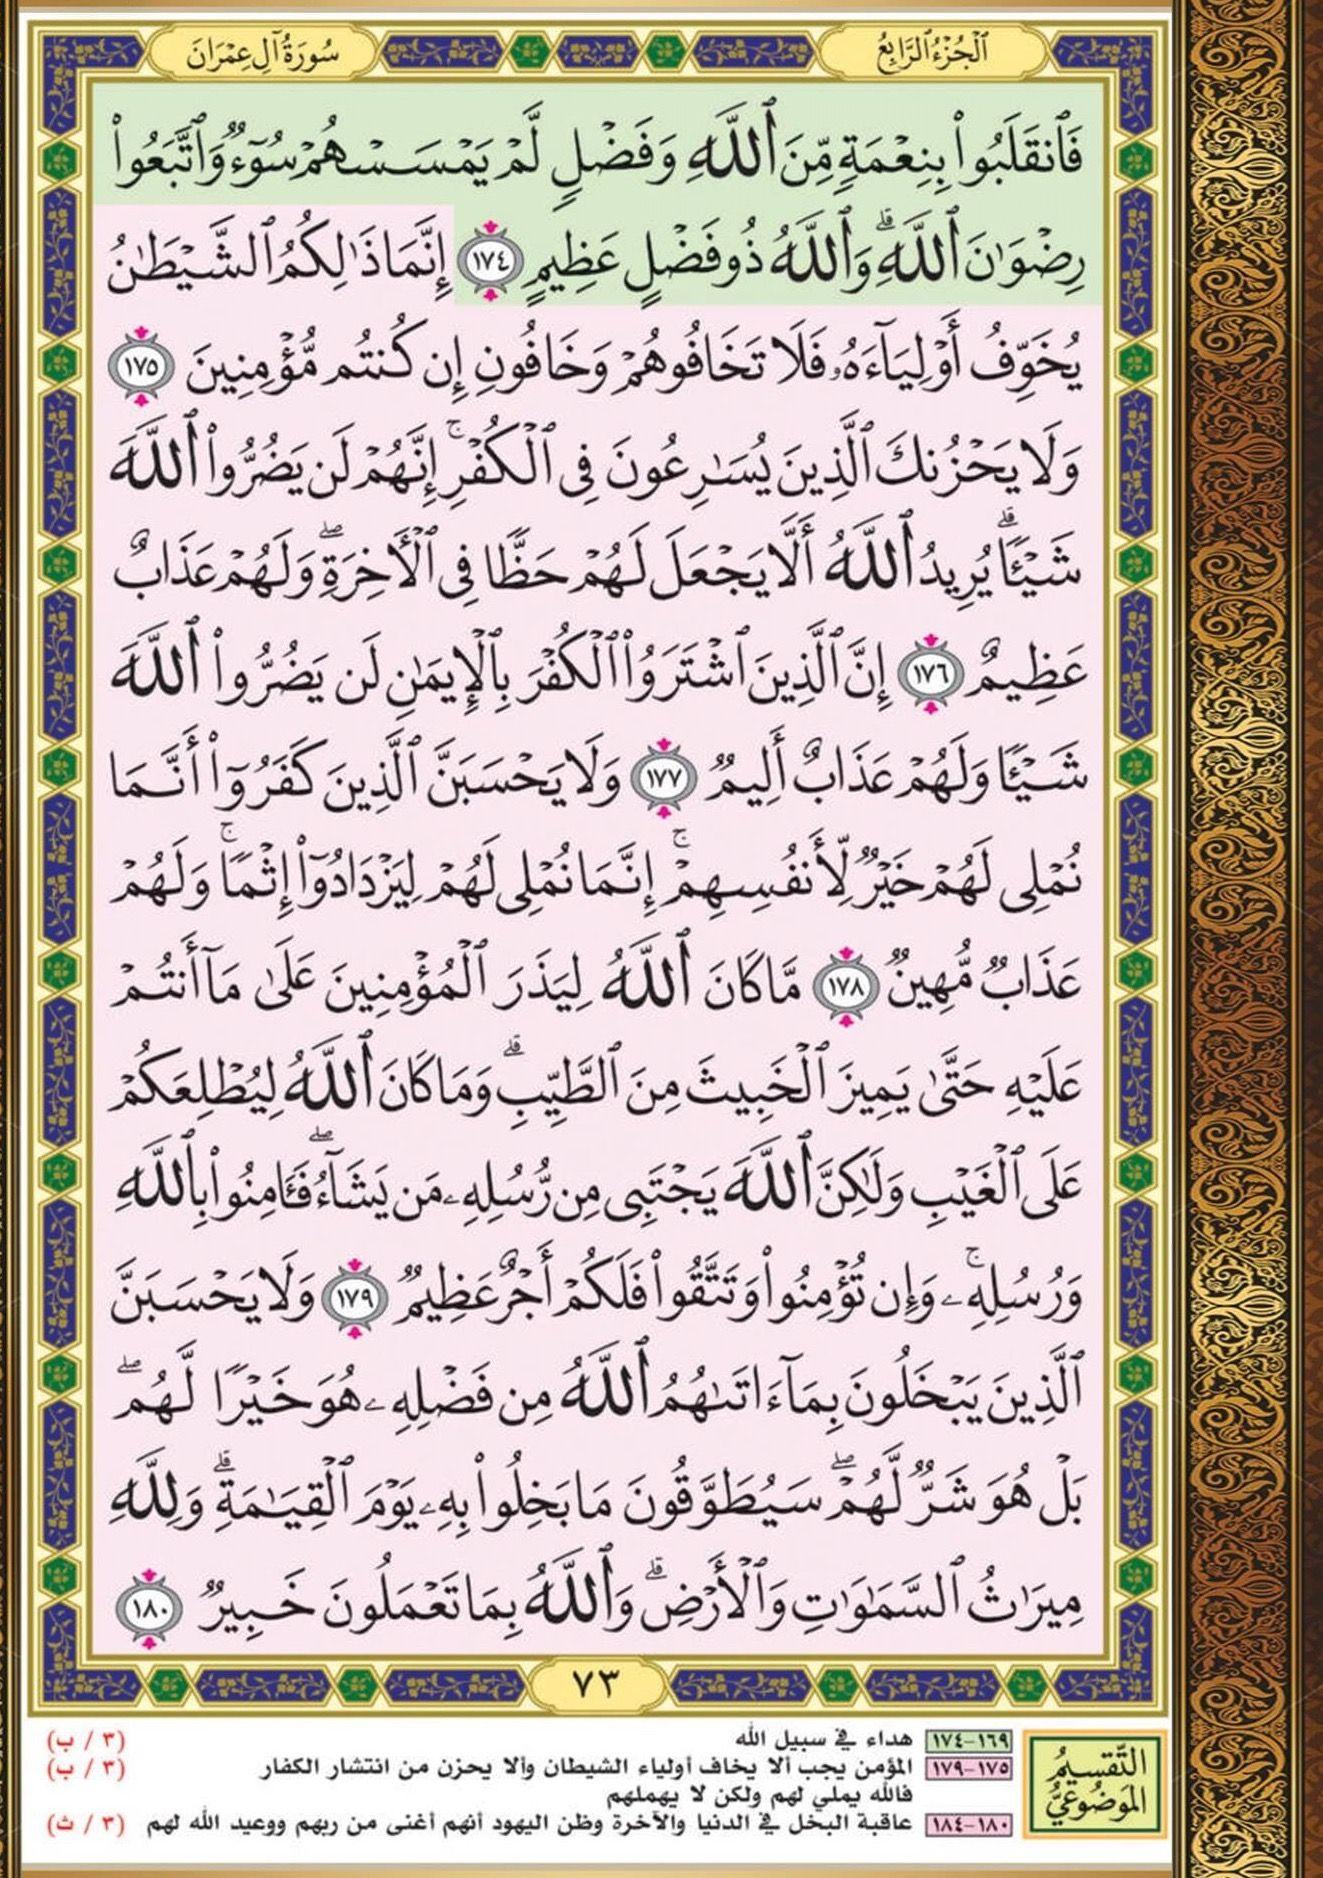 ١٧٤ ١٨٠ آل عمران مصحف التقسيم الموضوعي Quran Verses Bullet